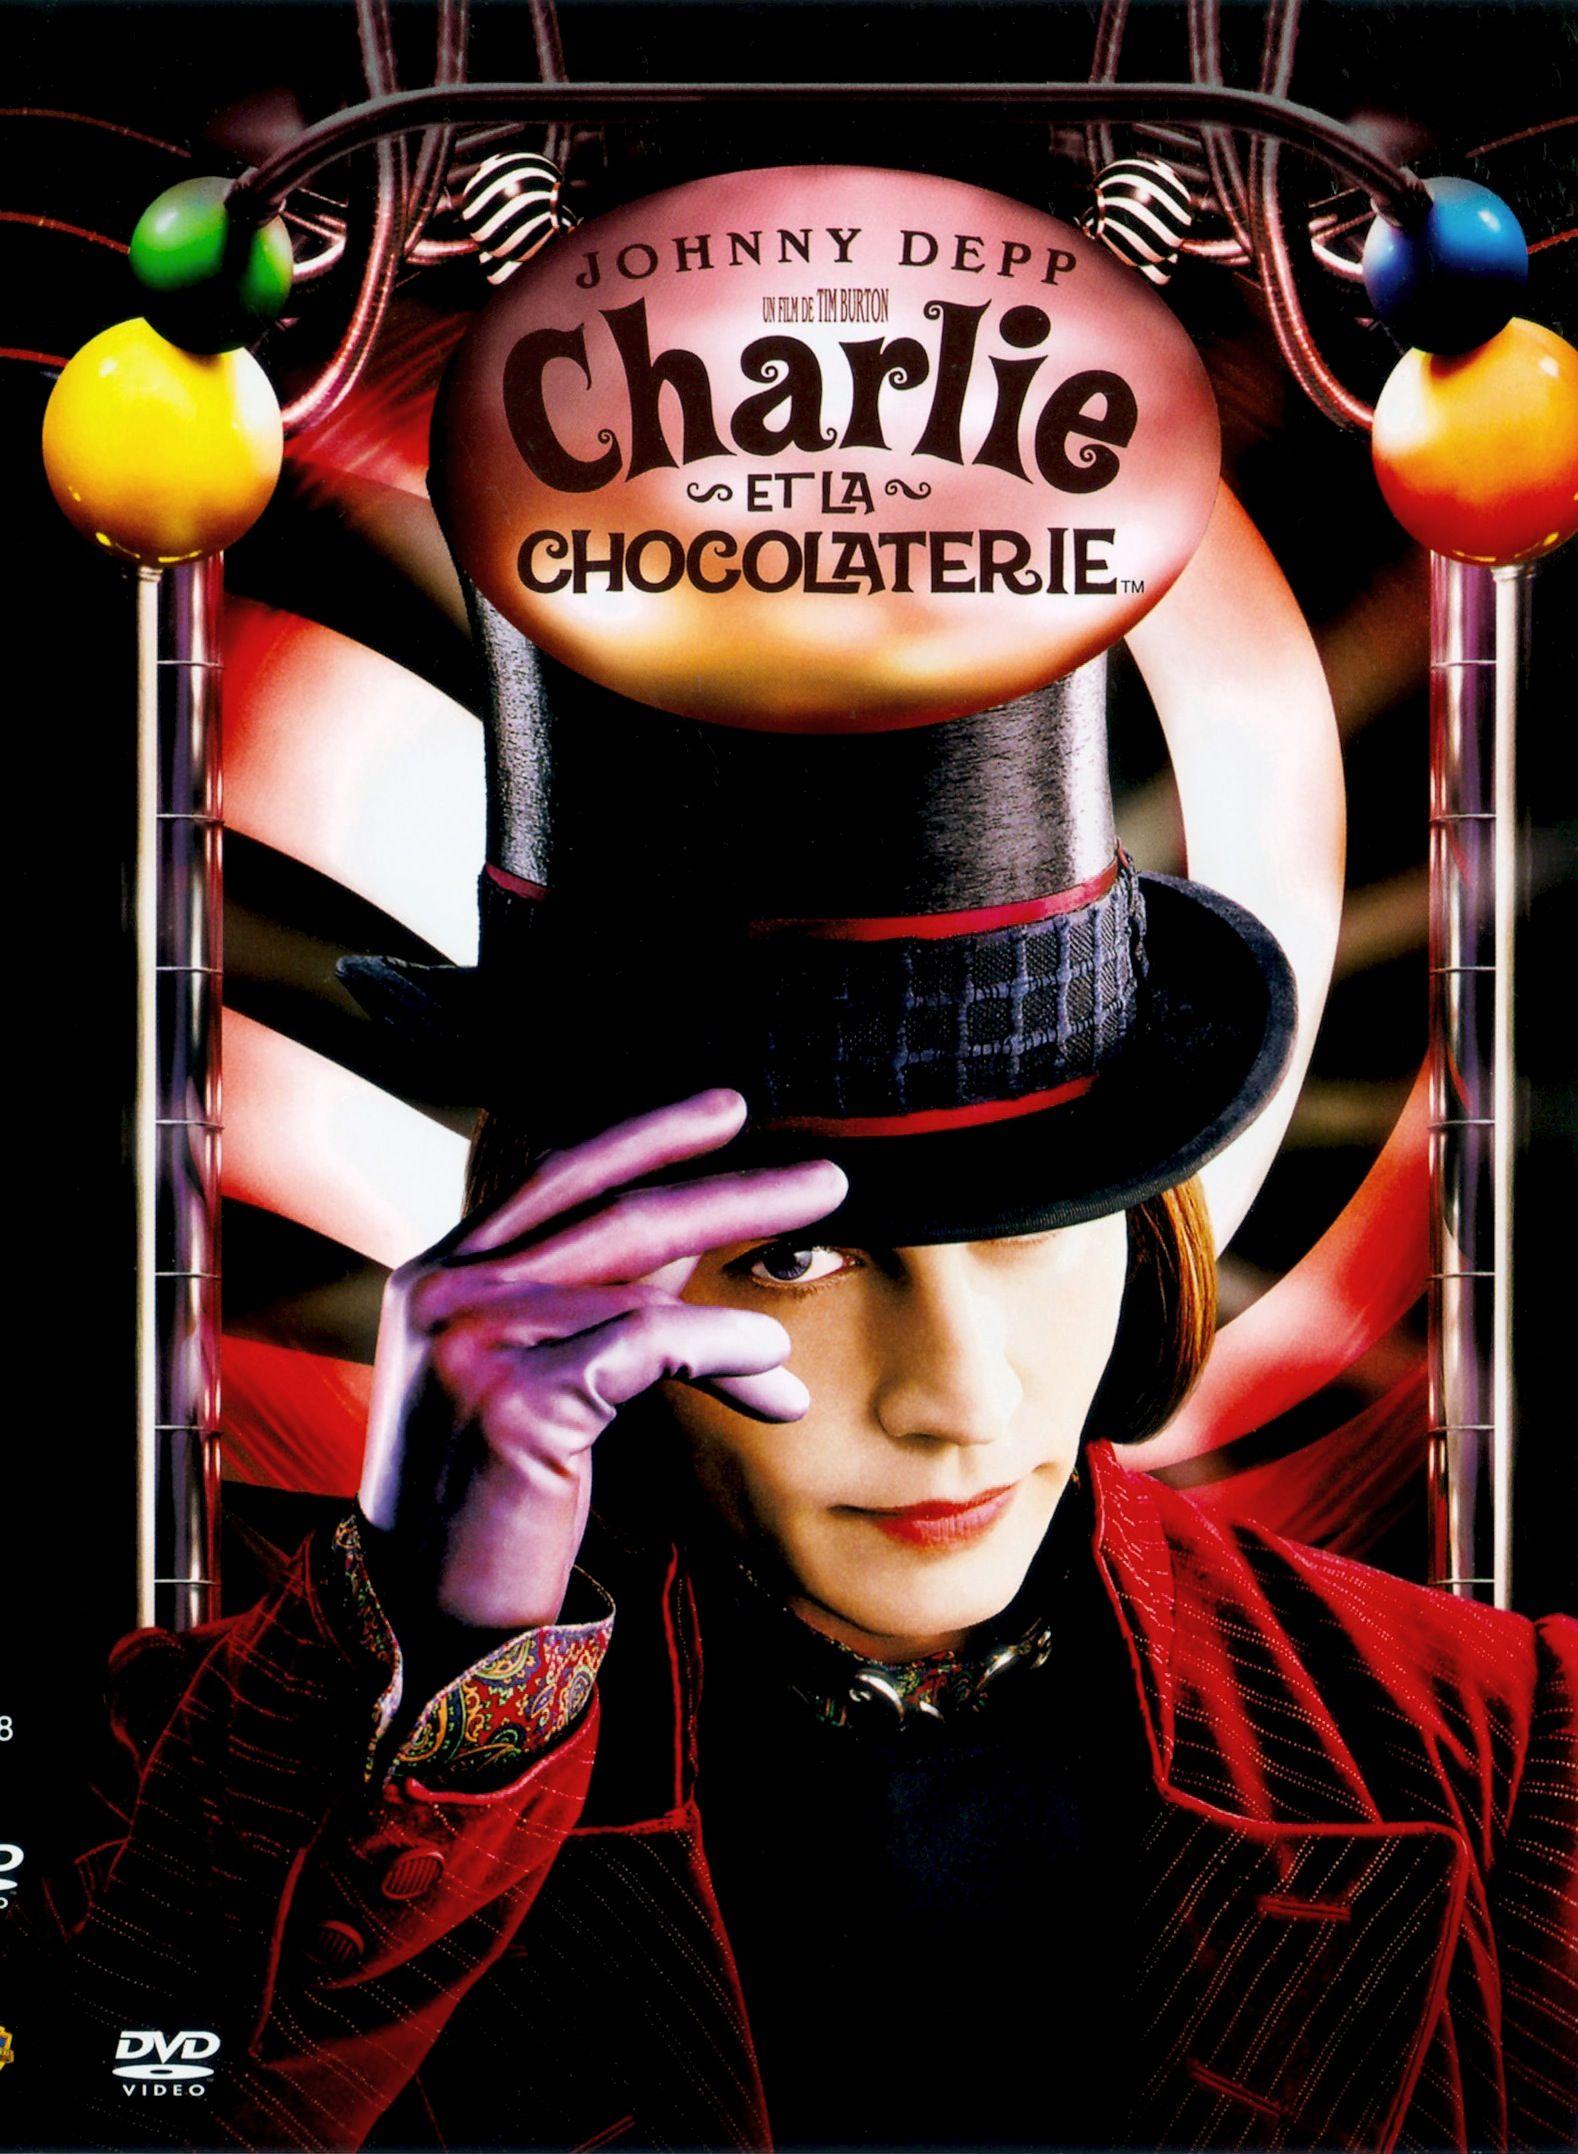 Charlie et la chocolaterie | Charlie et la chocolaterie, Chocolaterie, Tim  burton